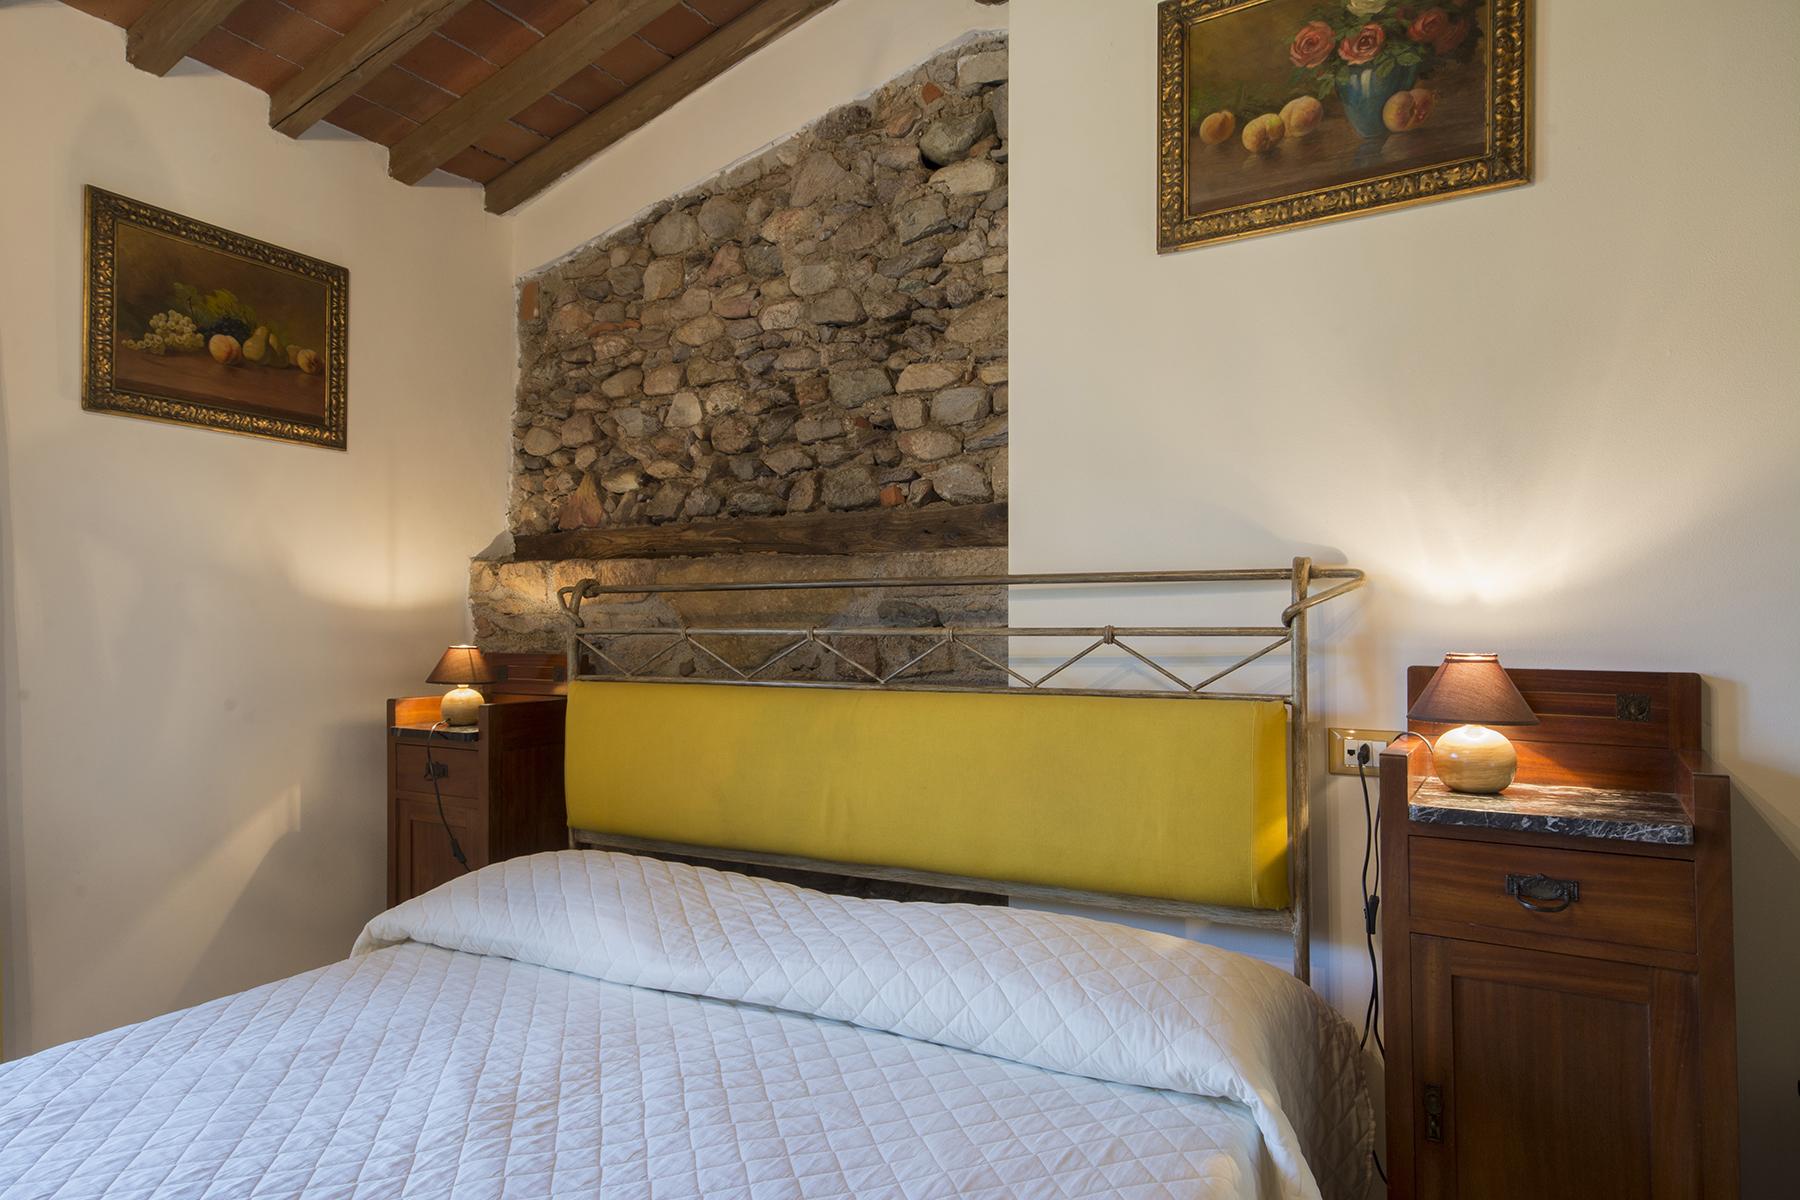 Rustico in Vendita a Capannori: 5 locali, 500 mq - Foto 5